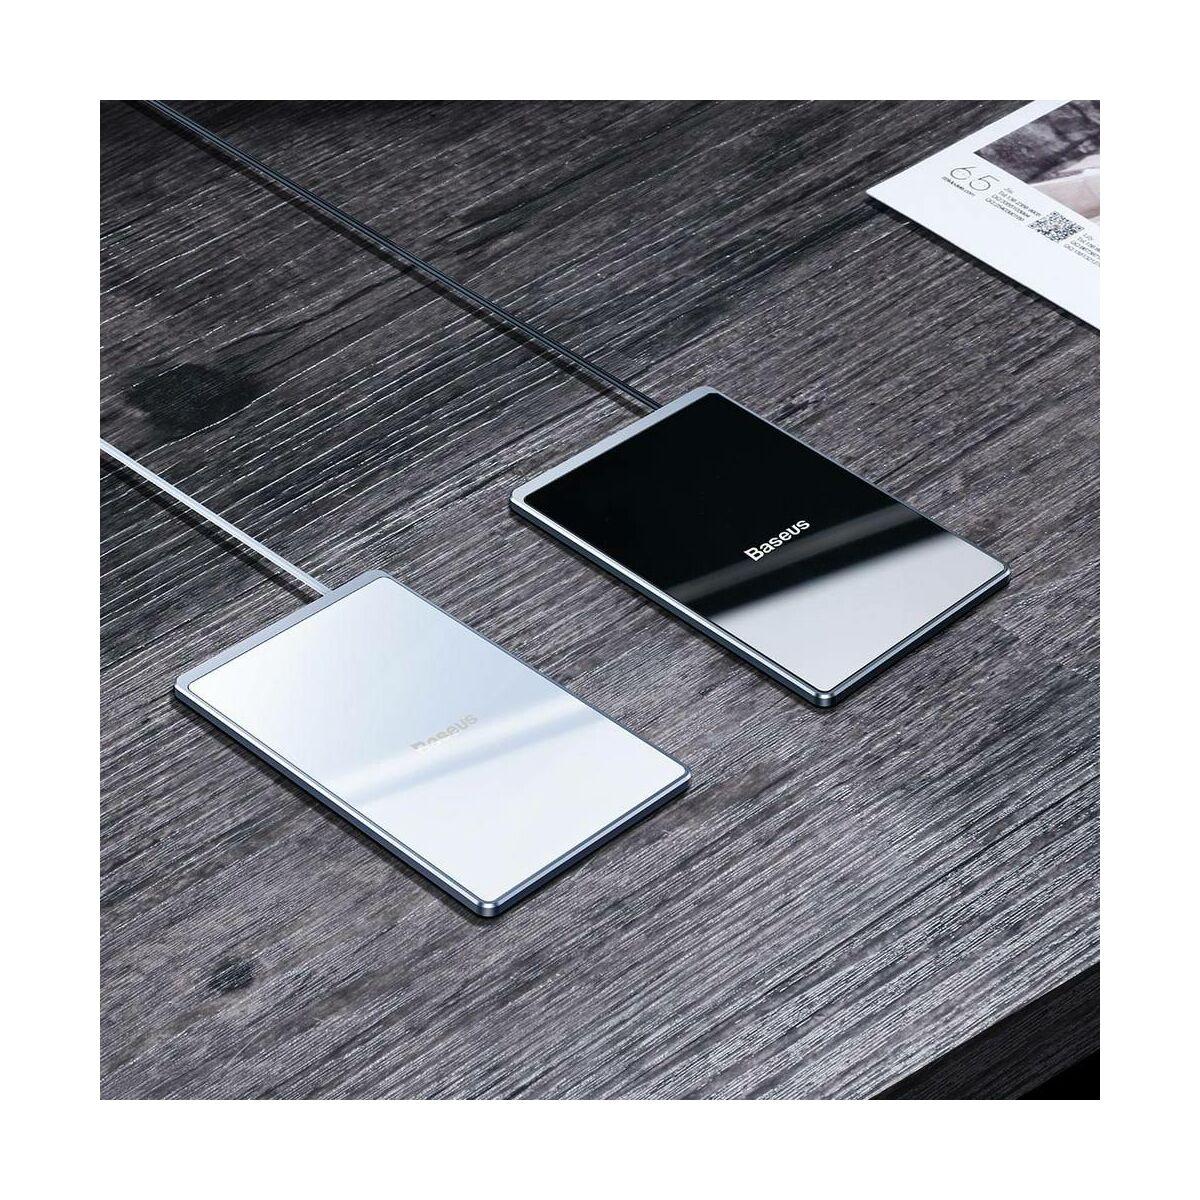 Baseus vezeték nélküli töltő, Ultra-thin Card 15W (beépített 1m USB kábellel), fekete (WX01B-01)